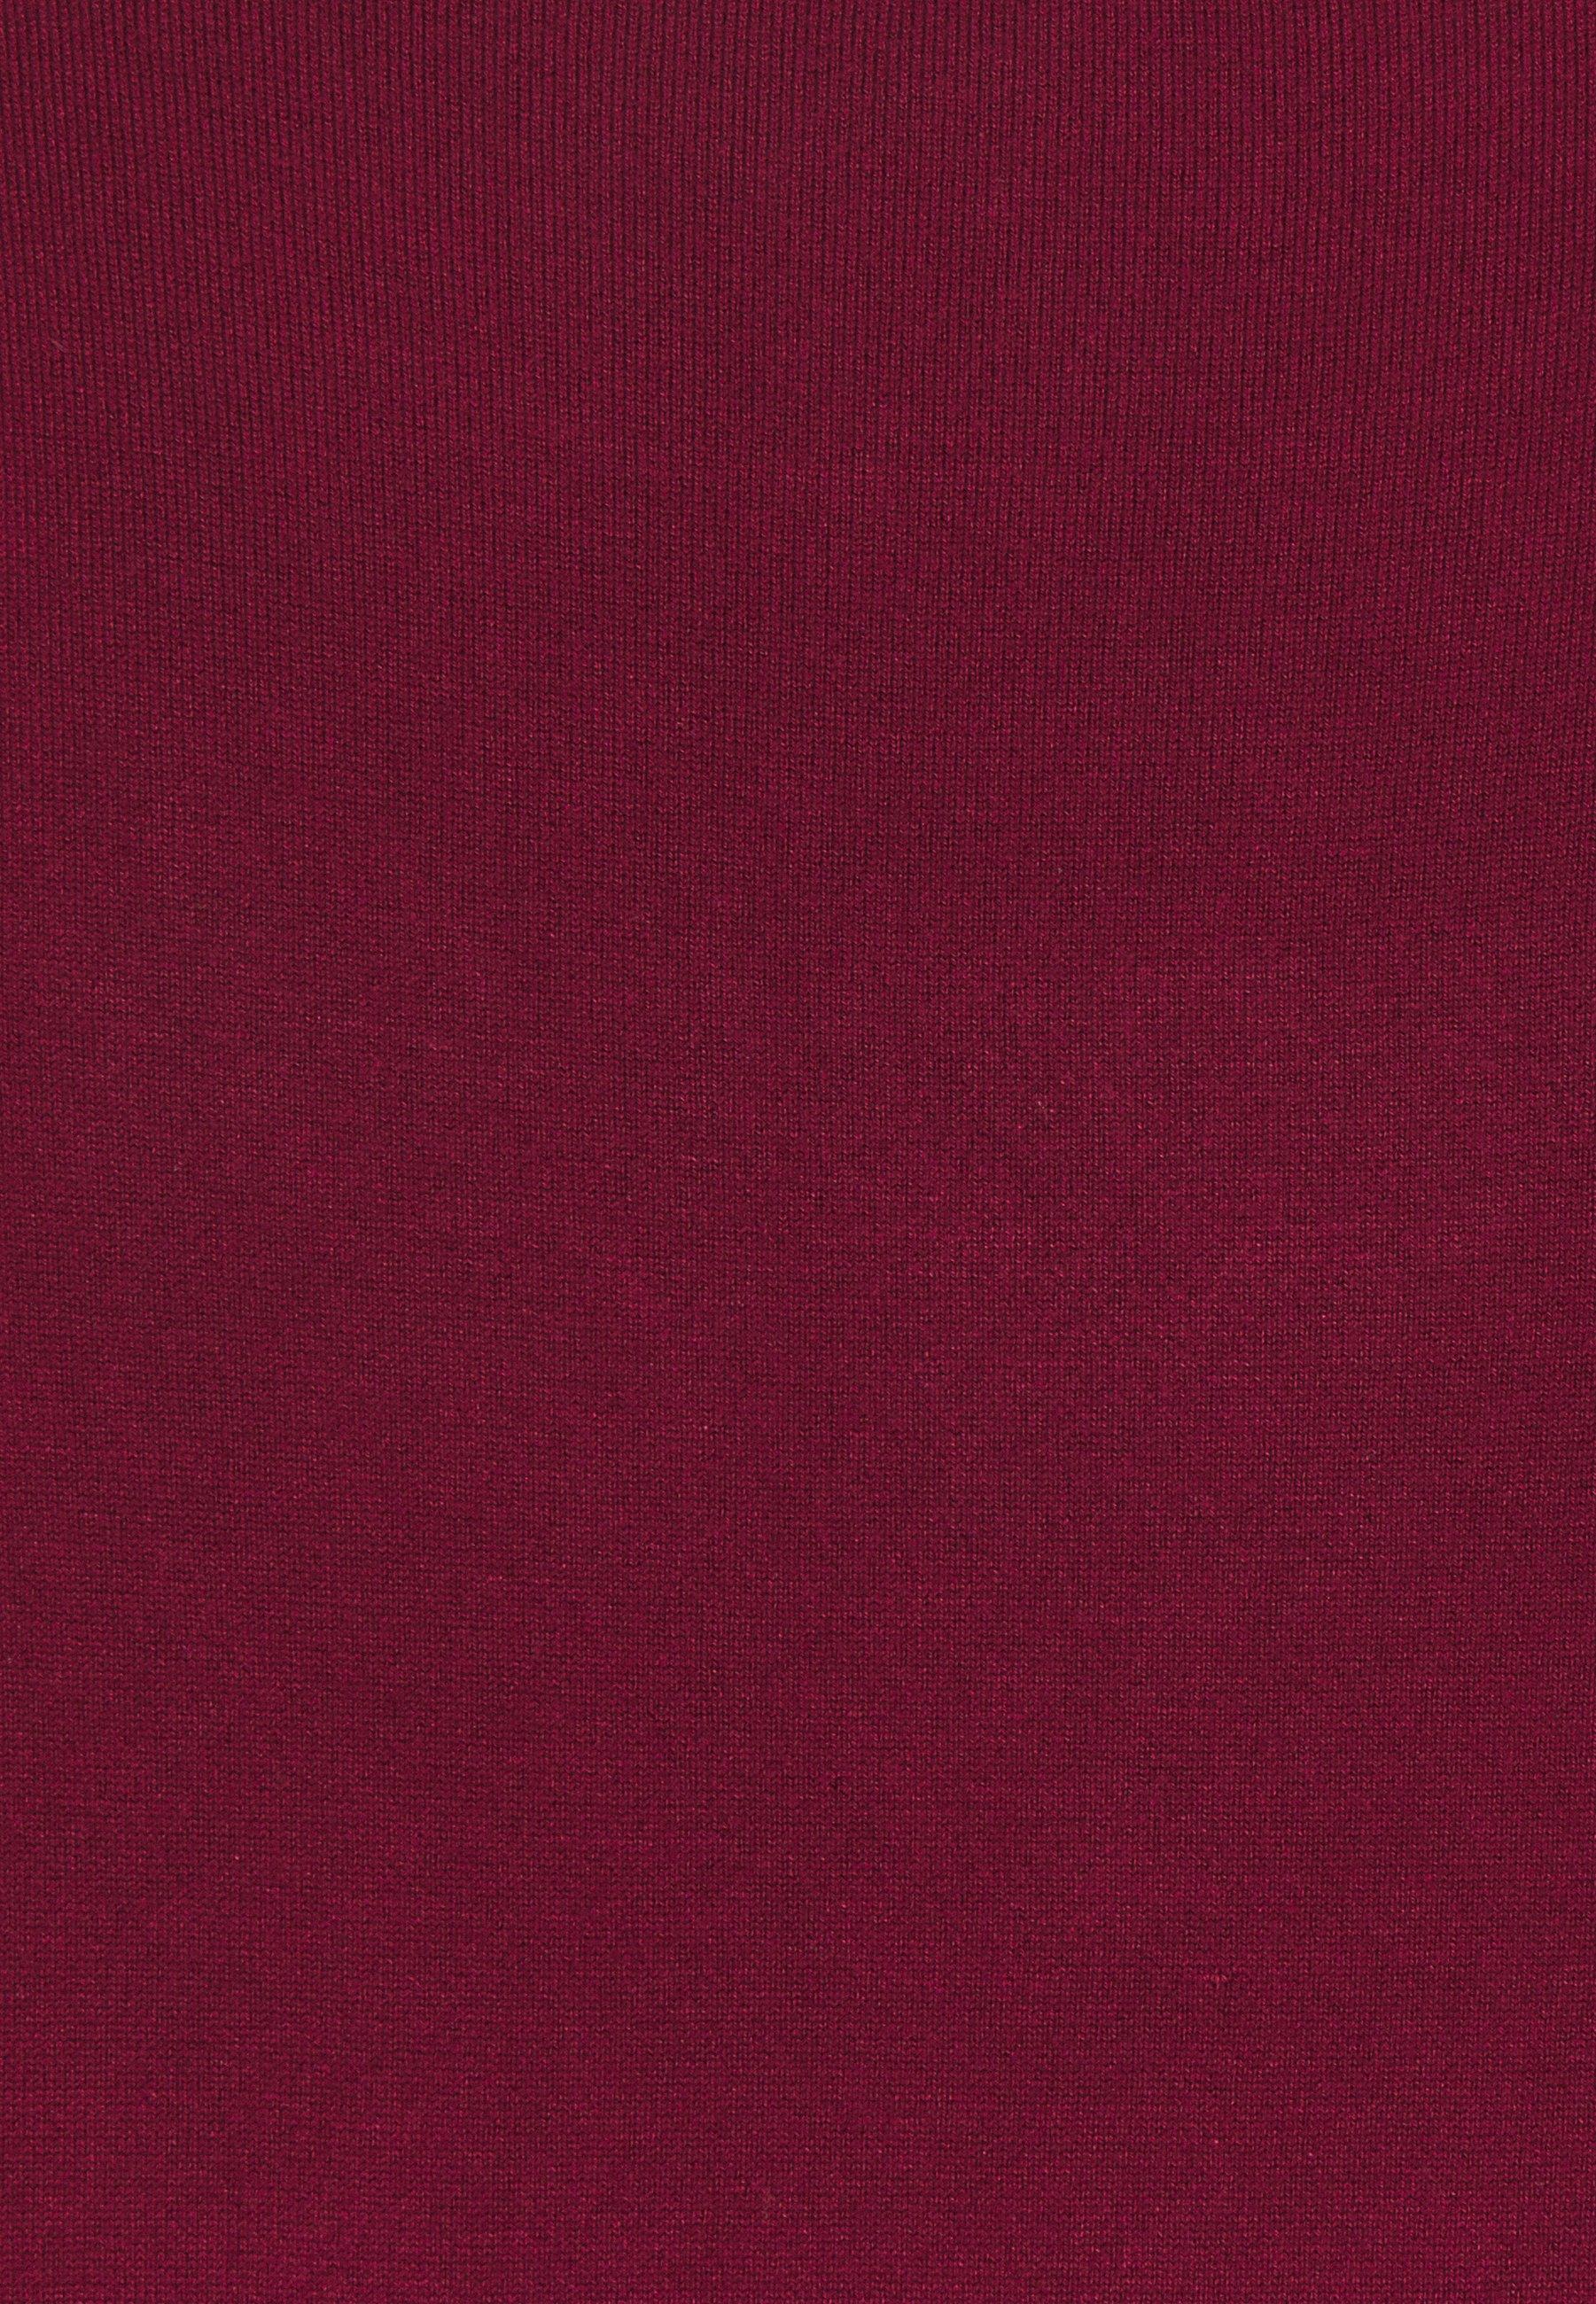 Esprit Collection Eco Vero - T-shirts Bordeaux Red/vinrød